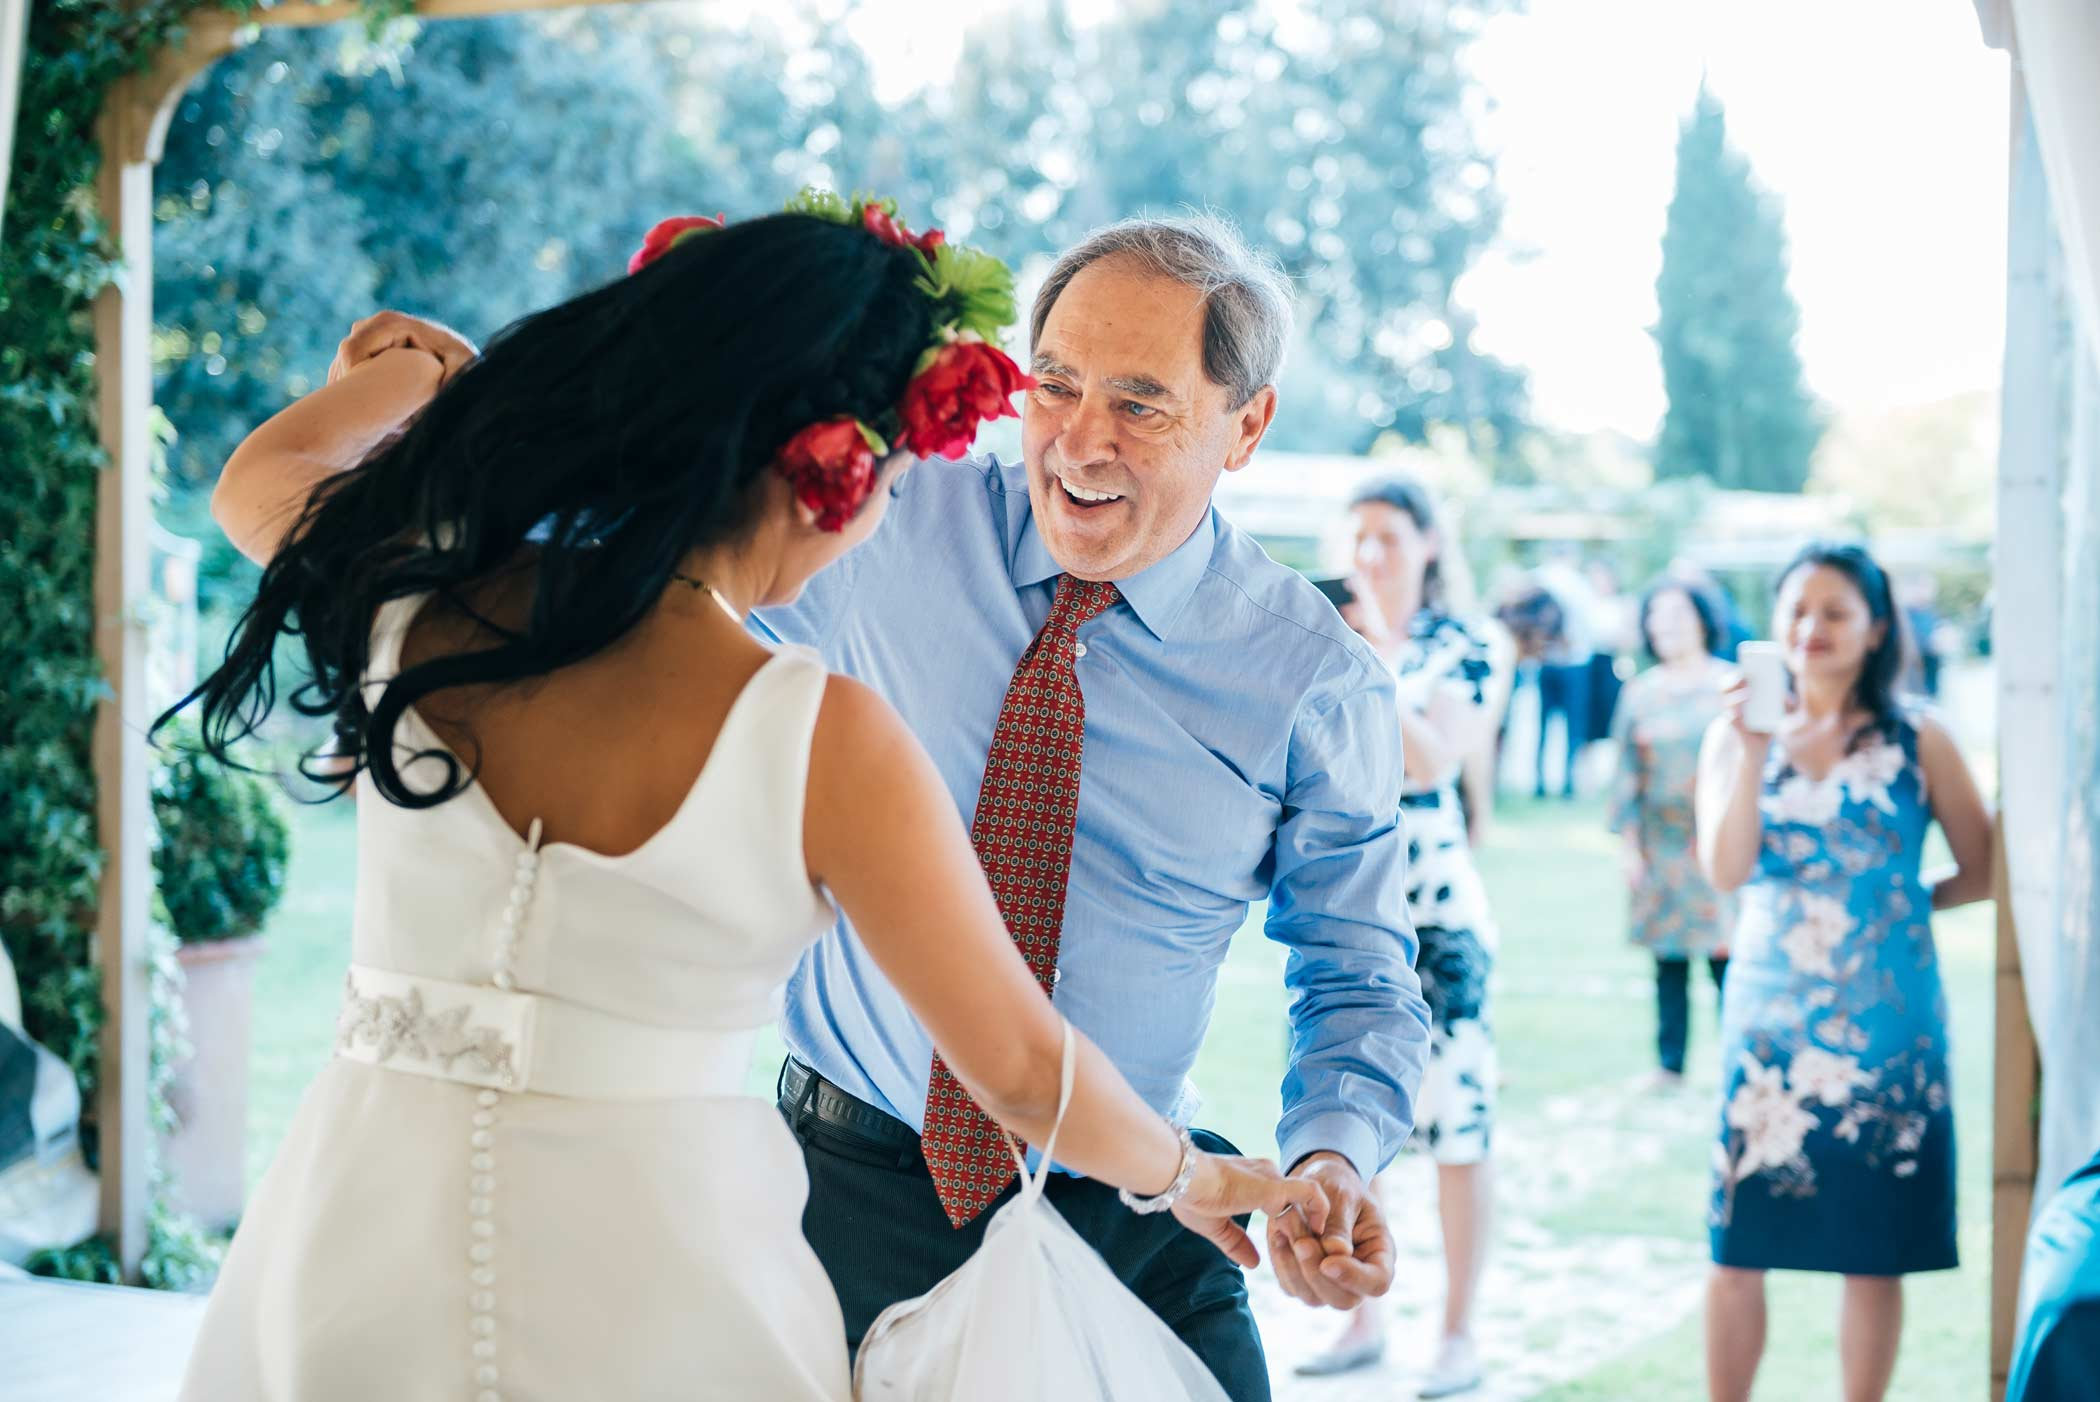 Reportage-Di-Matrimonio-Fotografo-Roma-Festa-Party